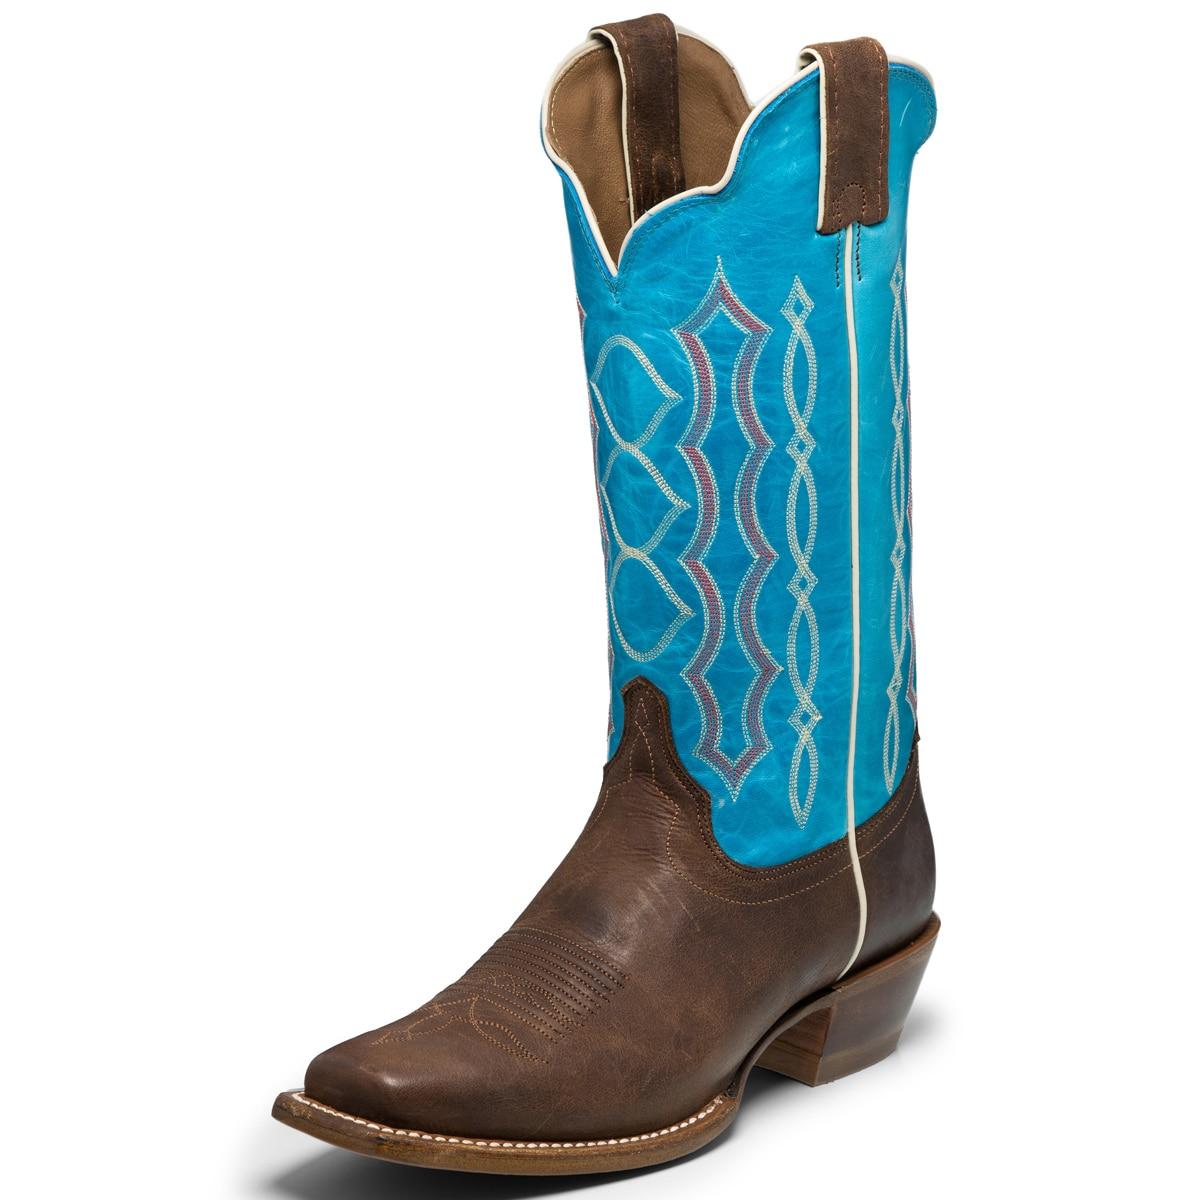 Justin Women's Bent Rail Boots- Aqua Pompero